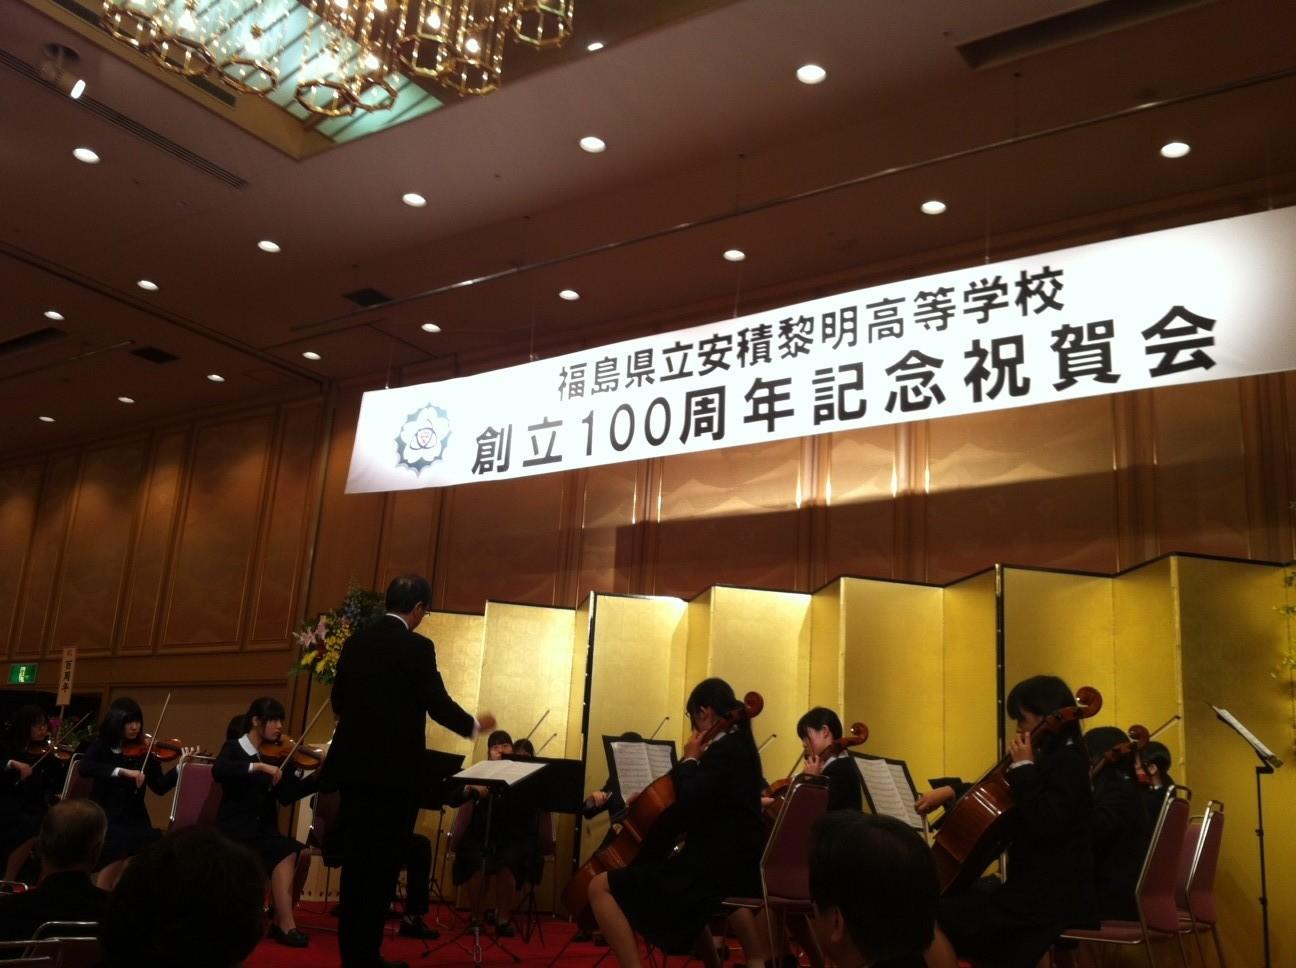 安積黎明高校創立100周年_f0259324_11405914.jpg